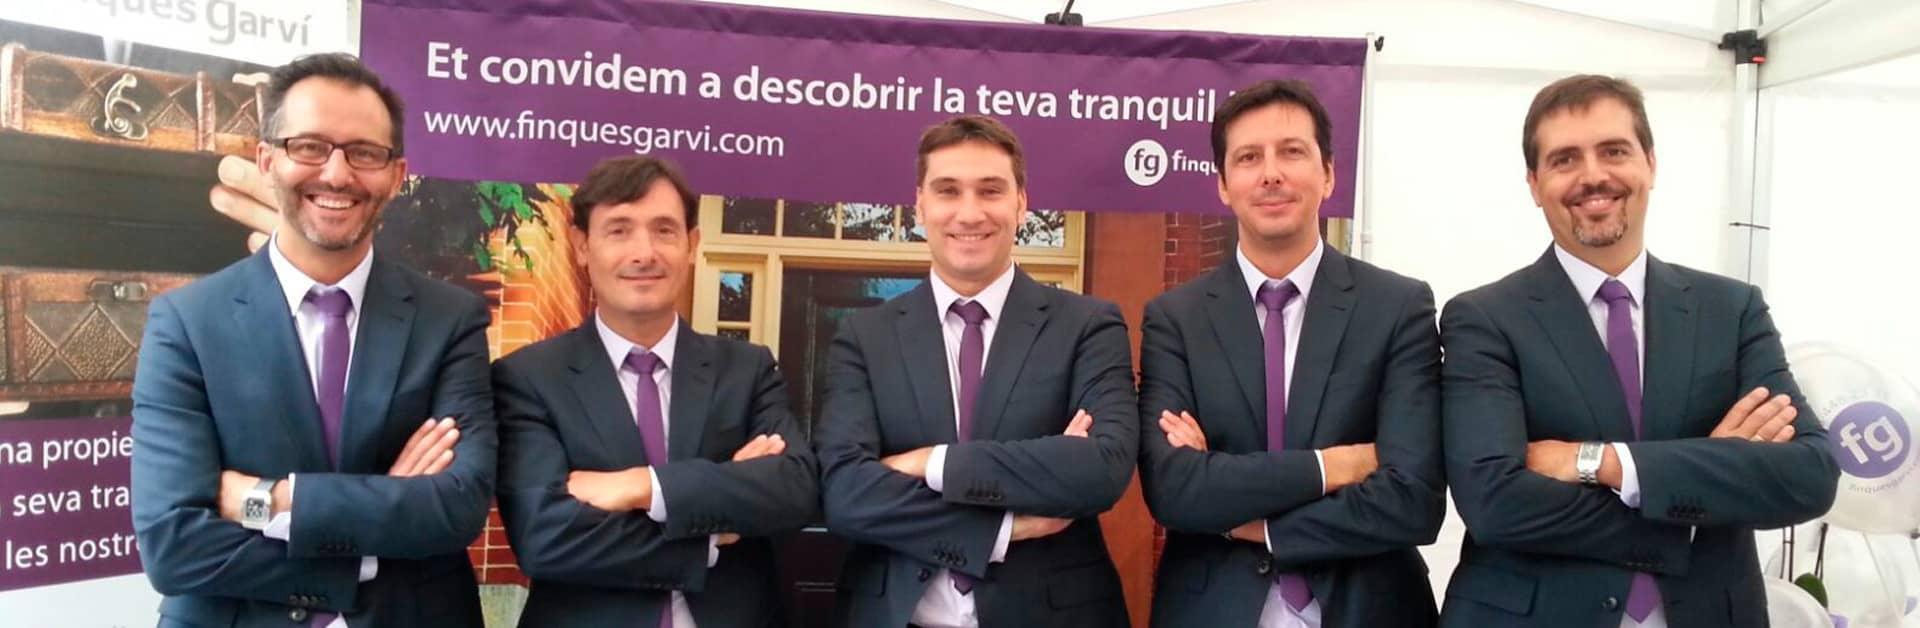 Fincas Garví, especialistas en la administración de su inmueble